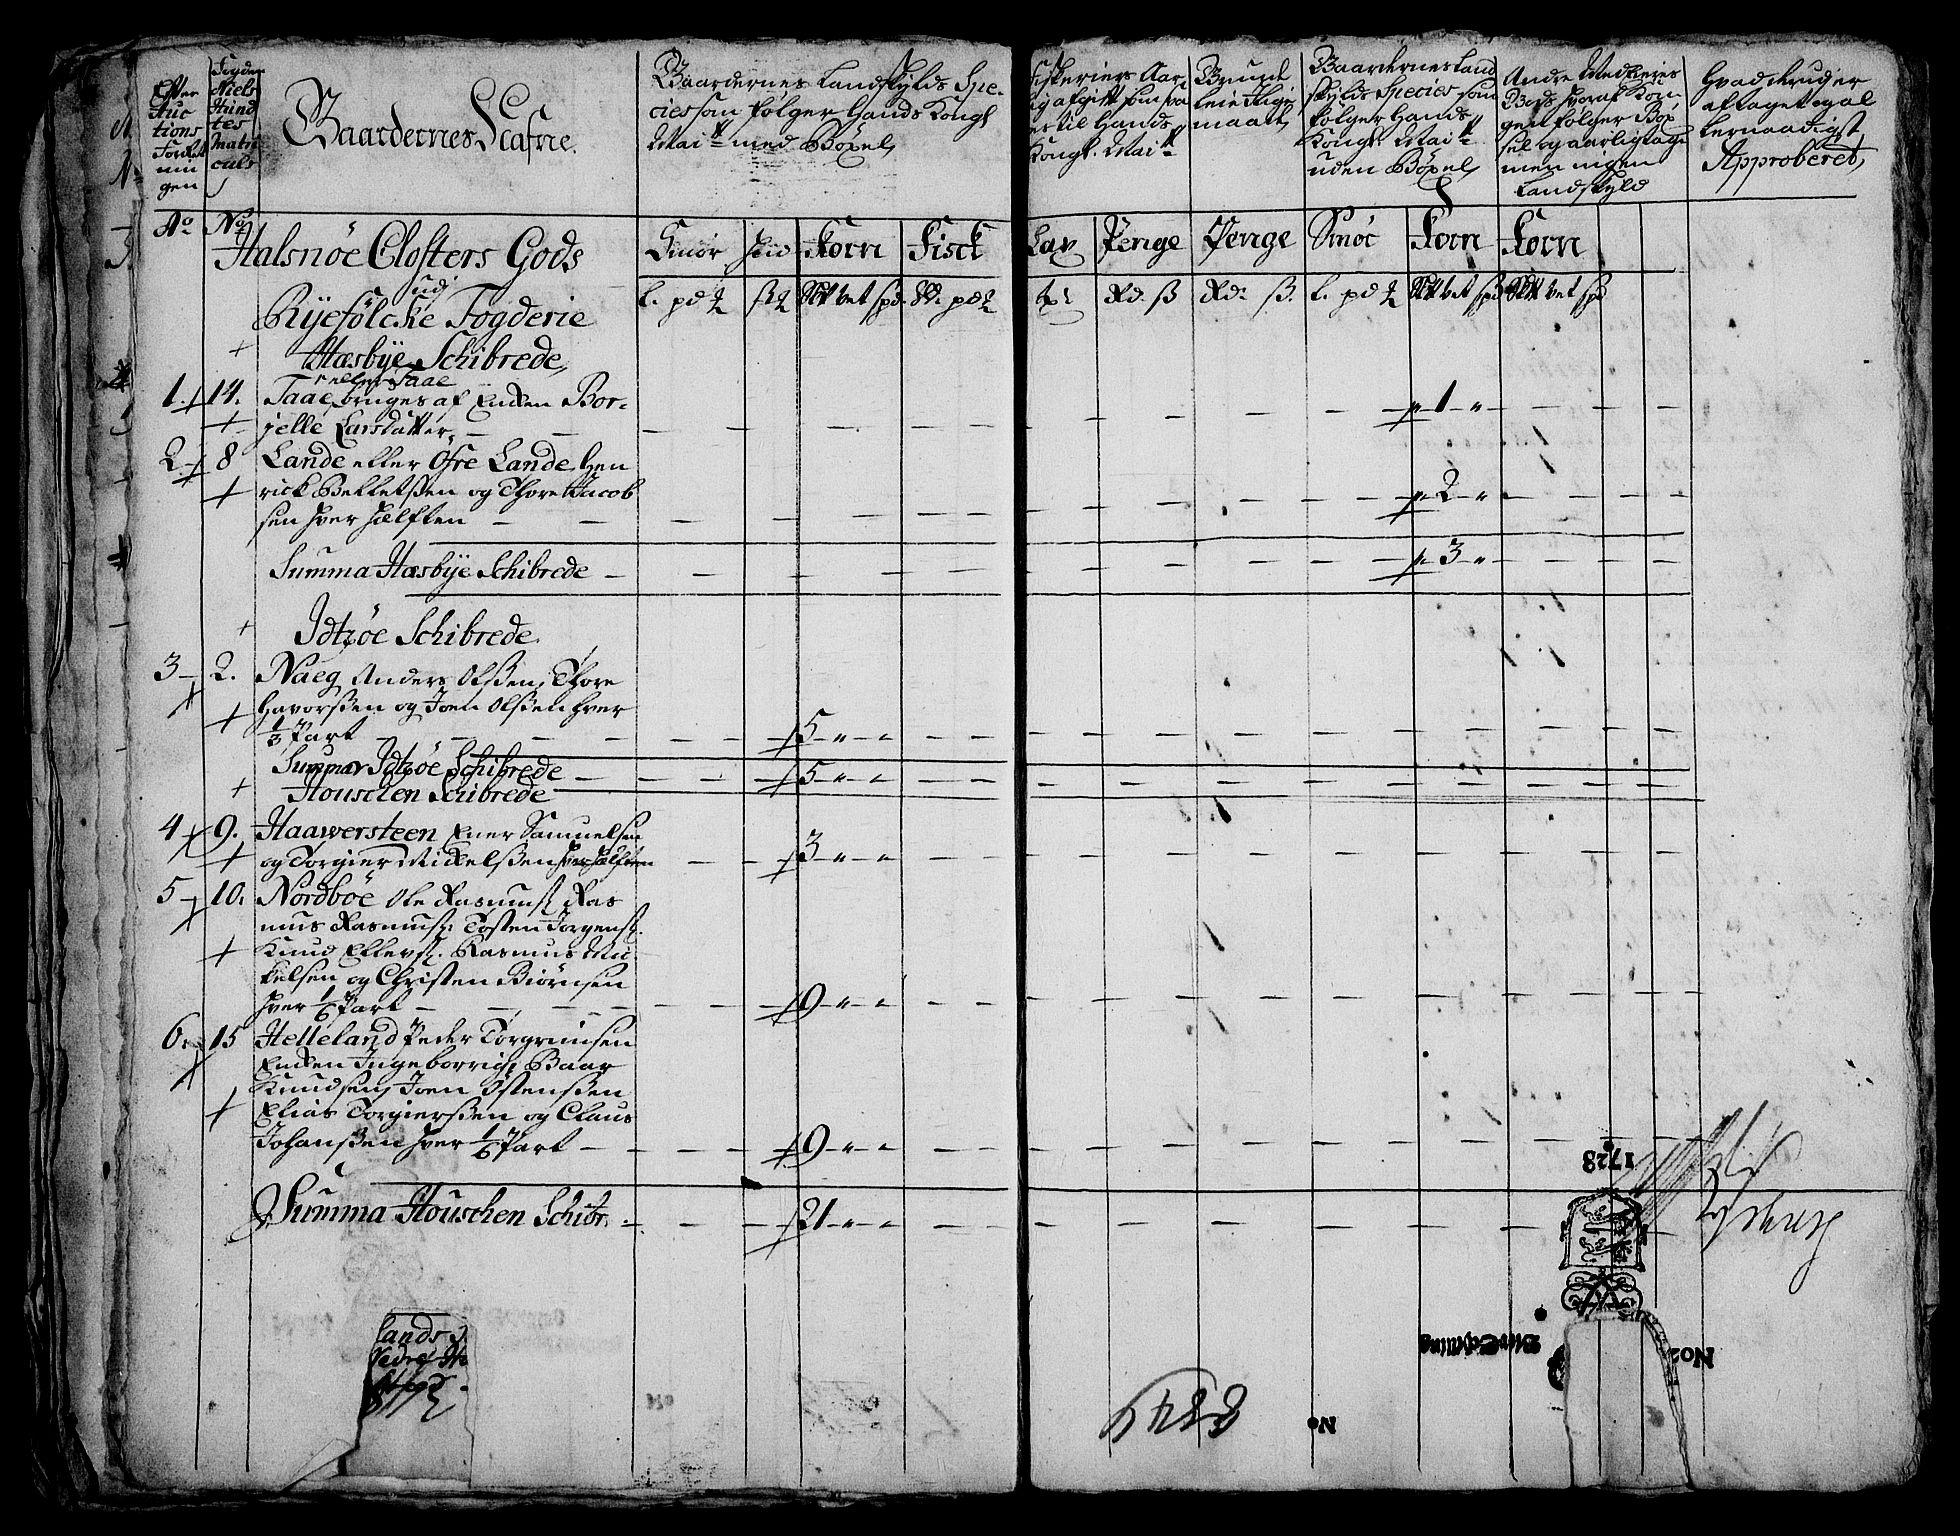 RA, Rentekammeret inntil 1814, Realistisk ordnet avdeling, On/L0003: [Jj 4]: Kommisjonsforretning over Vilhelm Hanssøns forpaktning av Halsnøy klosters gods, 1721-1729, s. 482